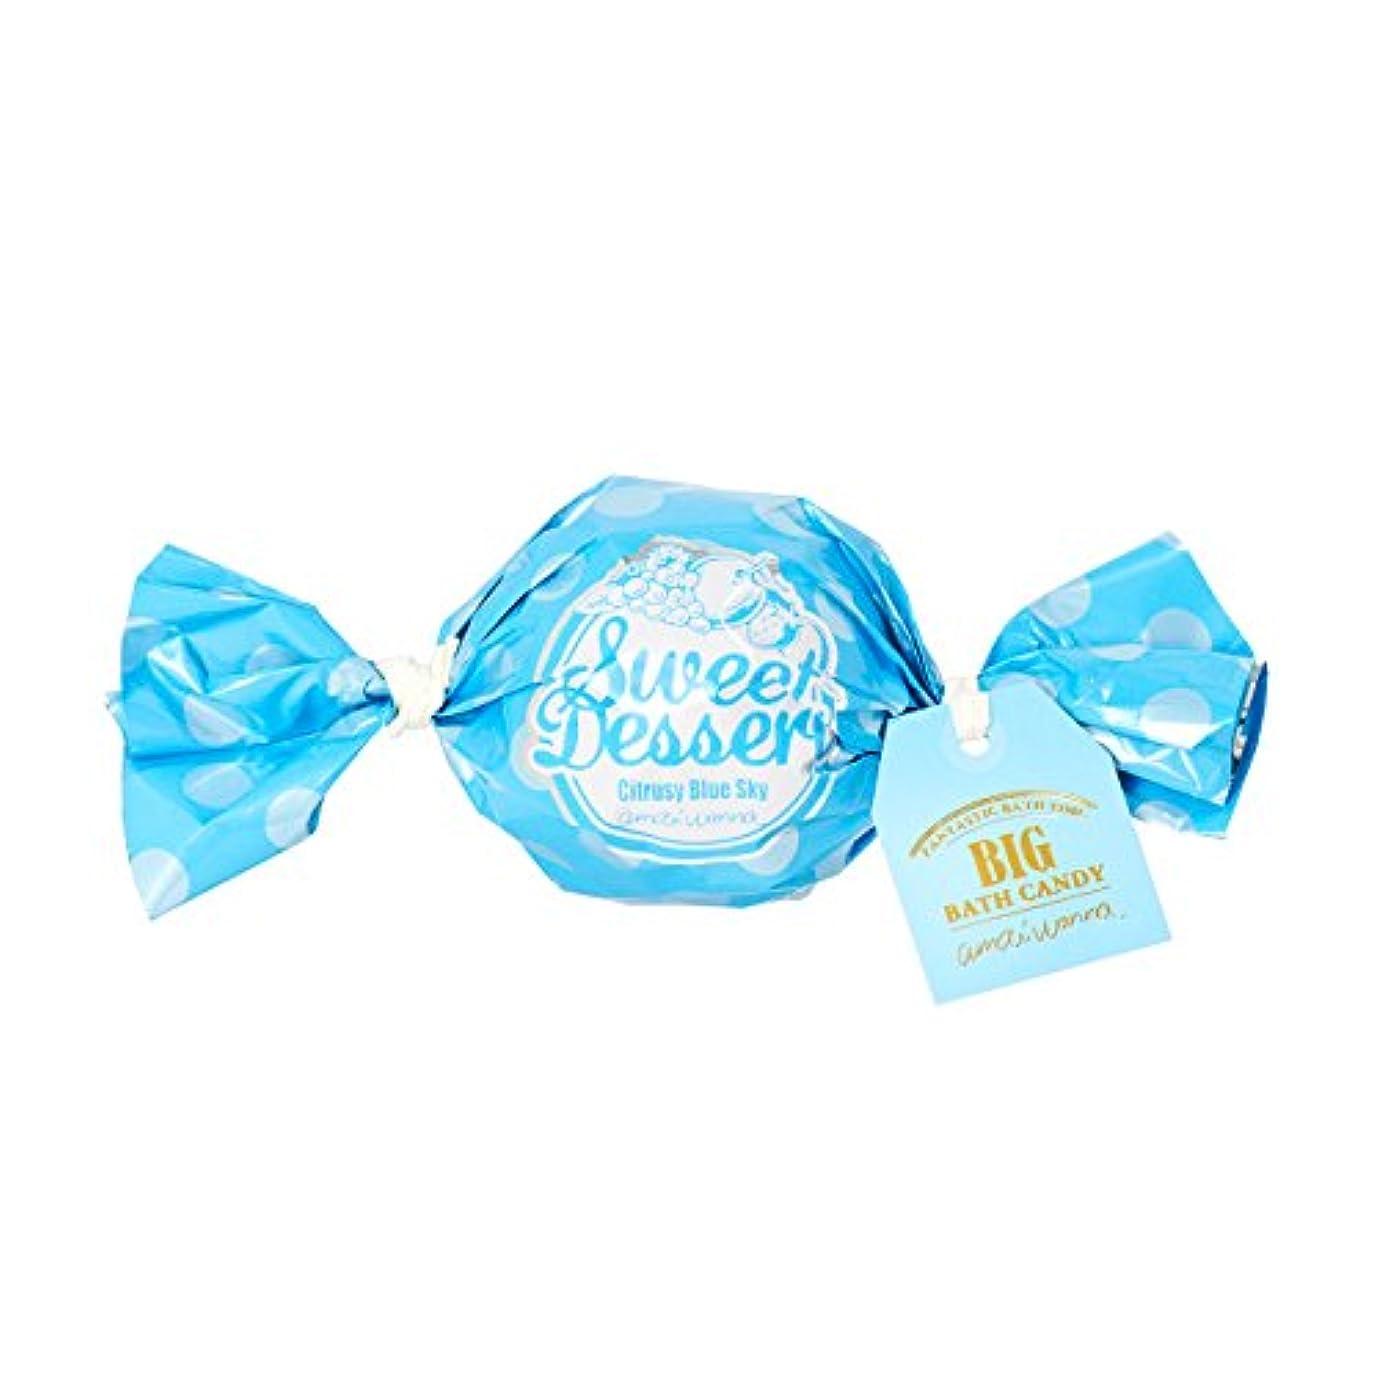 長方形独特のラフレシアアルノルディアマイワナ ビッグバスキャンディー 青空シトラス 100g(発泡タイプ入浴料 おおらかで凛としたシトラスの香り)